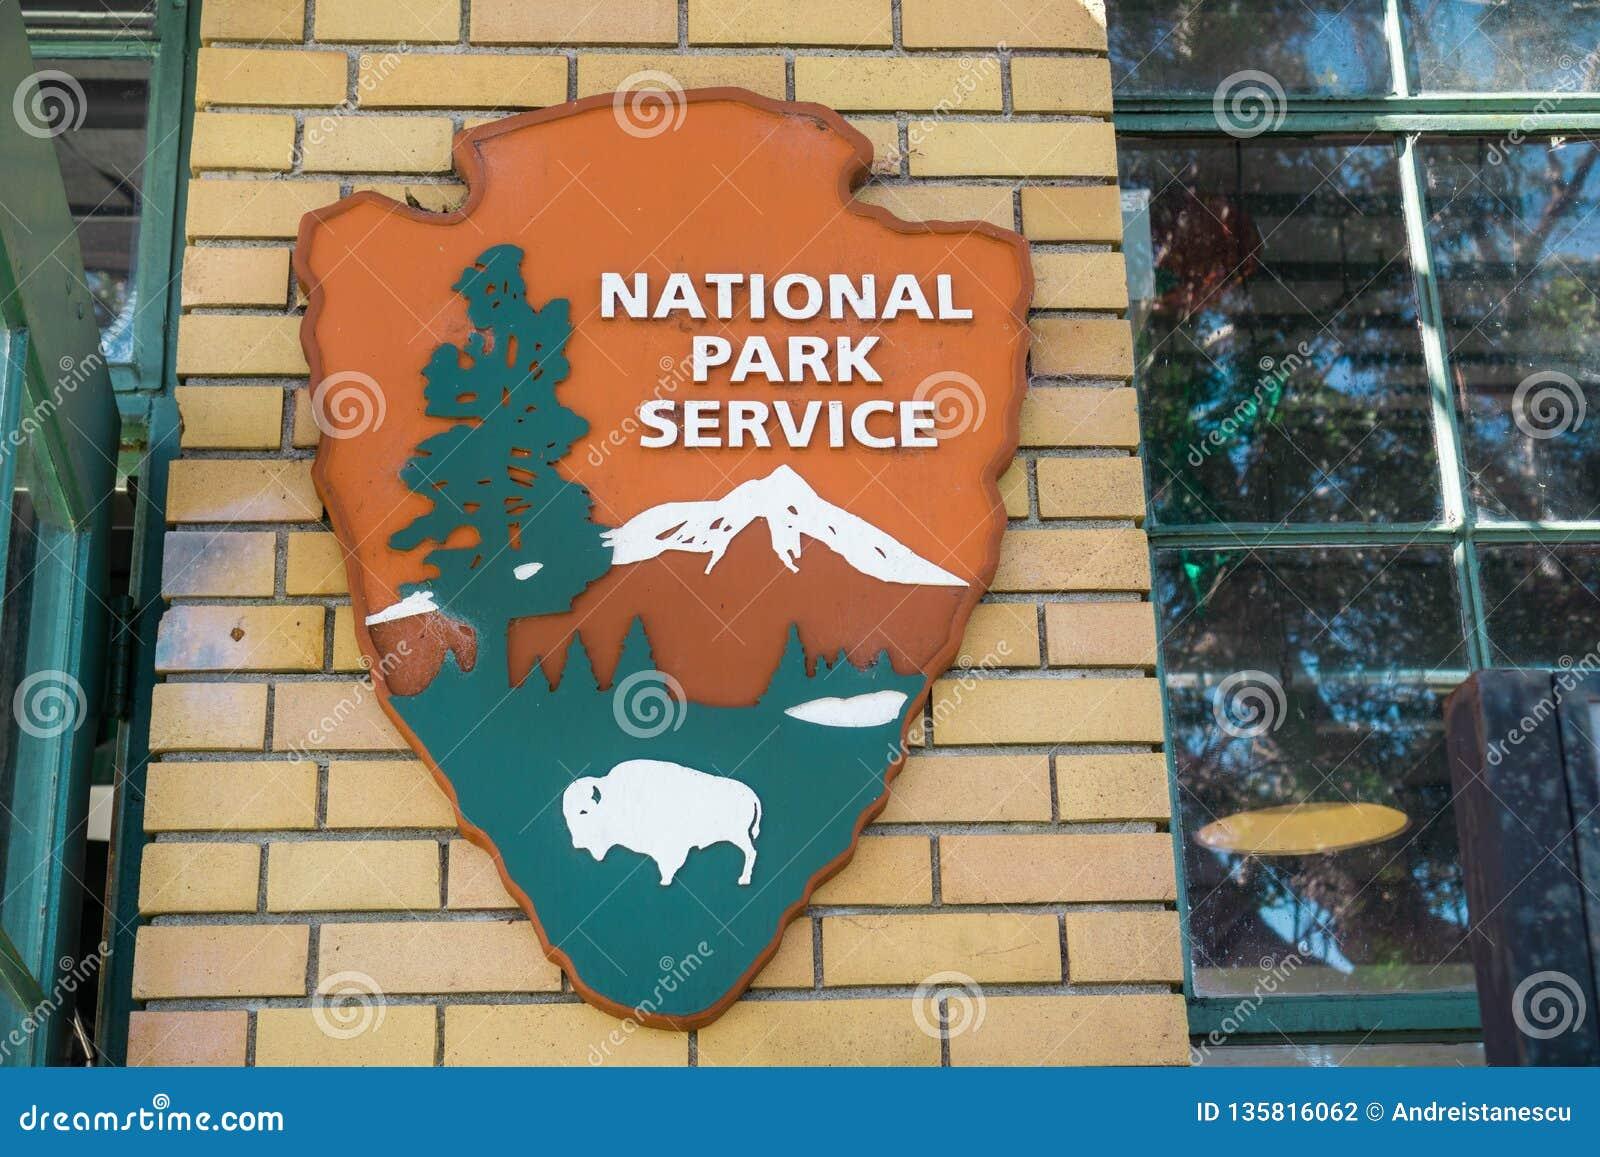 Sierpień 26, 2017 Richmond/CA/USA - Stany Zjednoczone National Park Service emblemat (NPS) NPS jest agencją Stany Zjednoczone fed